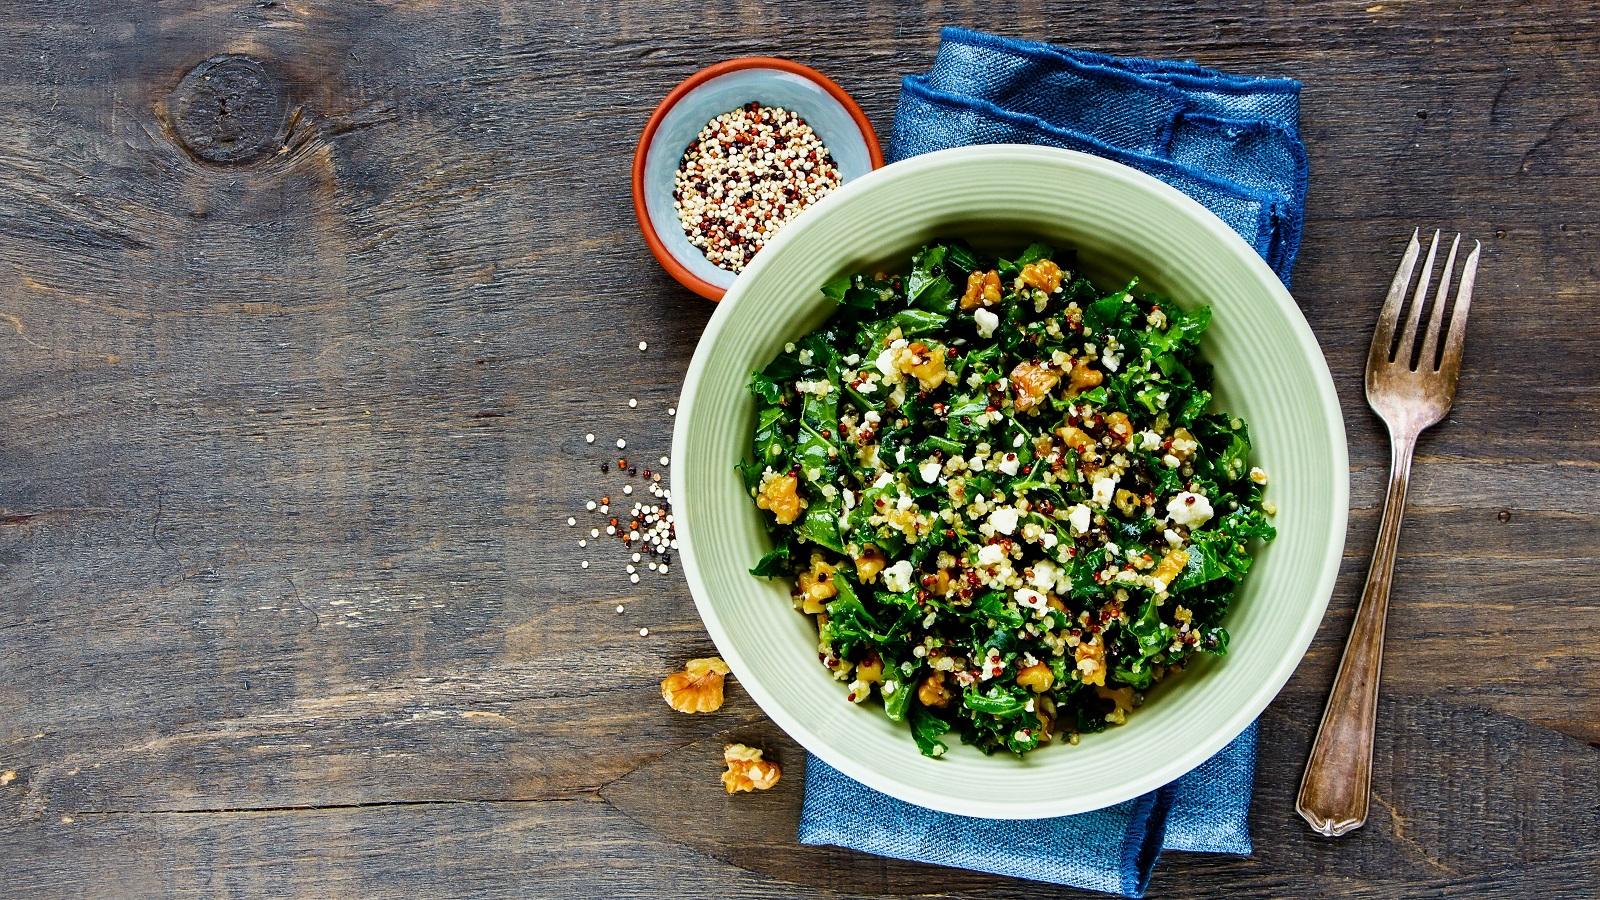 Eine hellgrüne Schüssel gefüllt mit dem Quinoa-Grünkohl-Salat garniert mit gerösteten Walnüssen und zerbröseltem Feta-Käse auf einem blauen Küchentuch neben einer kleinen Schüssel rohen Quinos-Körnern, zwei Walnüssstücken und einer Gabel vor einem Holzhintergrund, von oben.